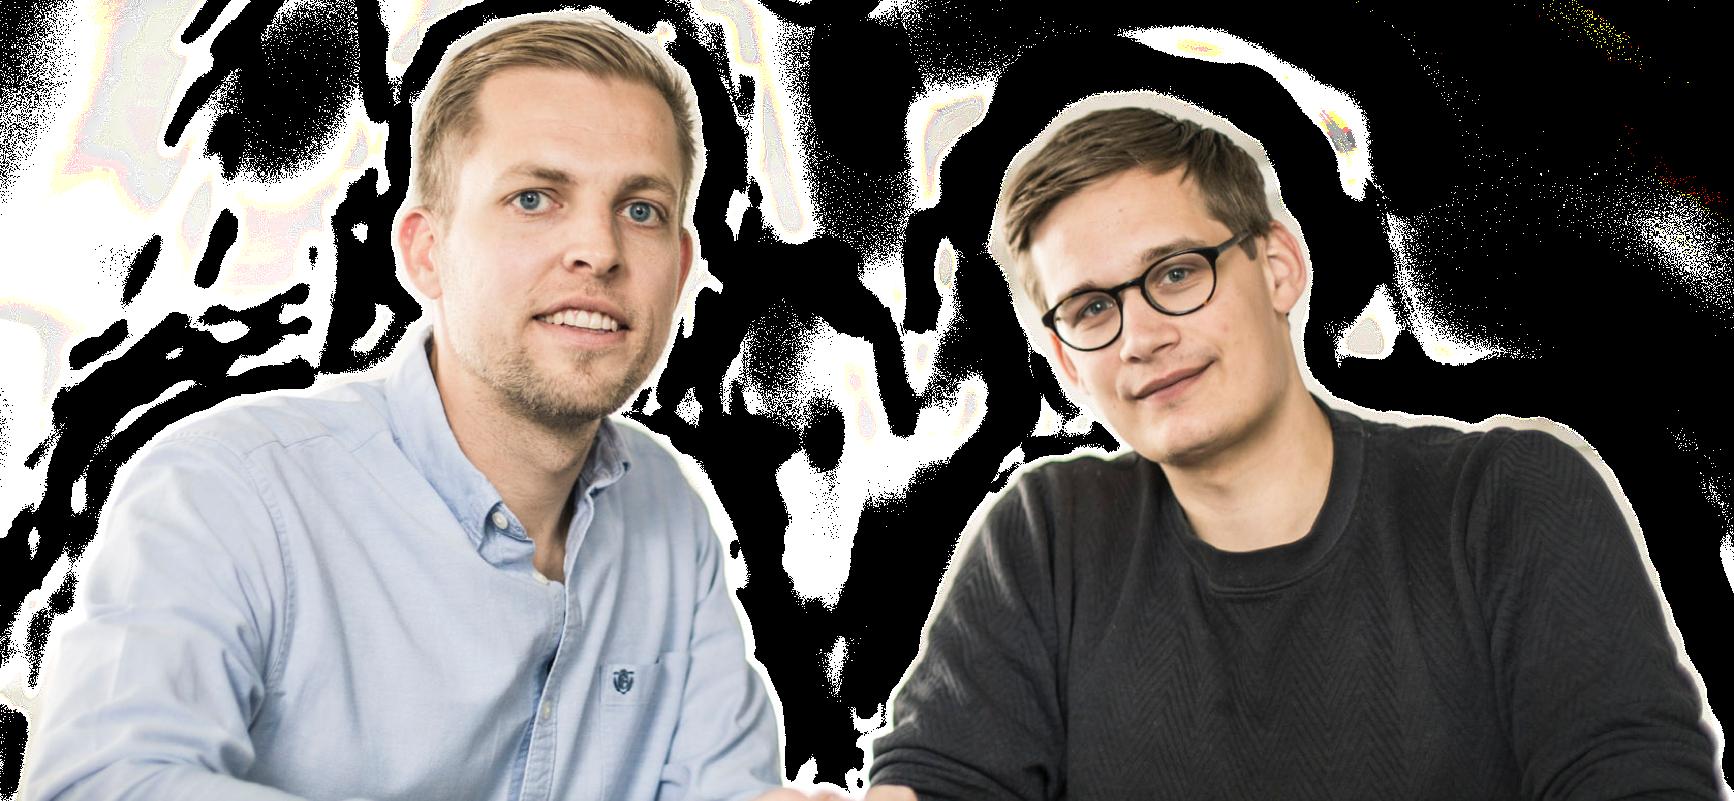 Grundarna av EasyPractice Bo Møller och Emil Højbjerg